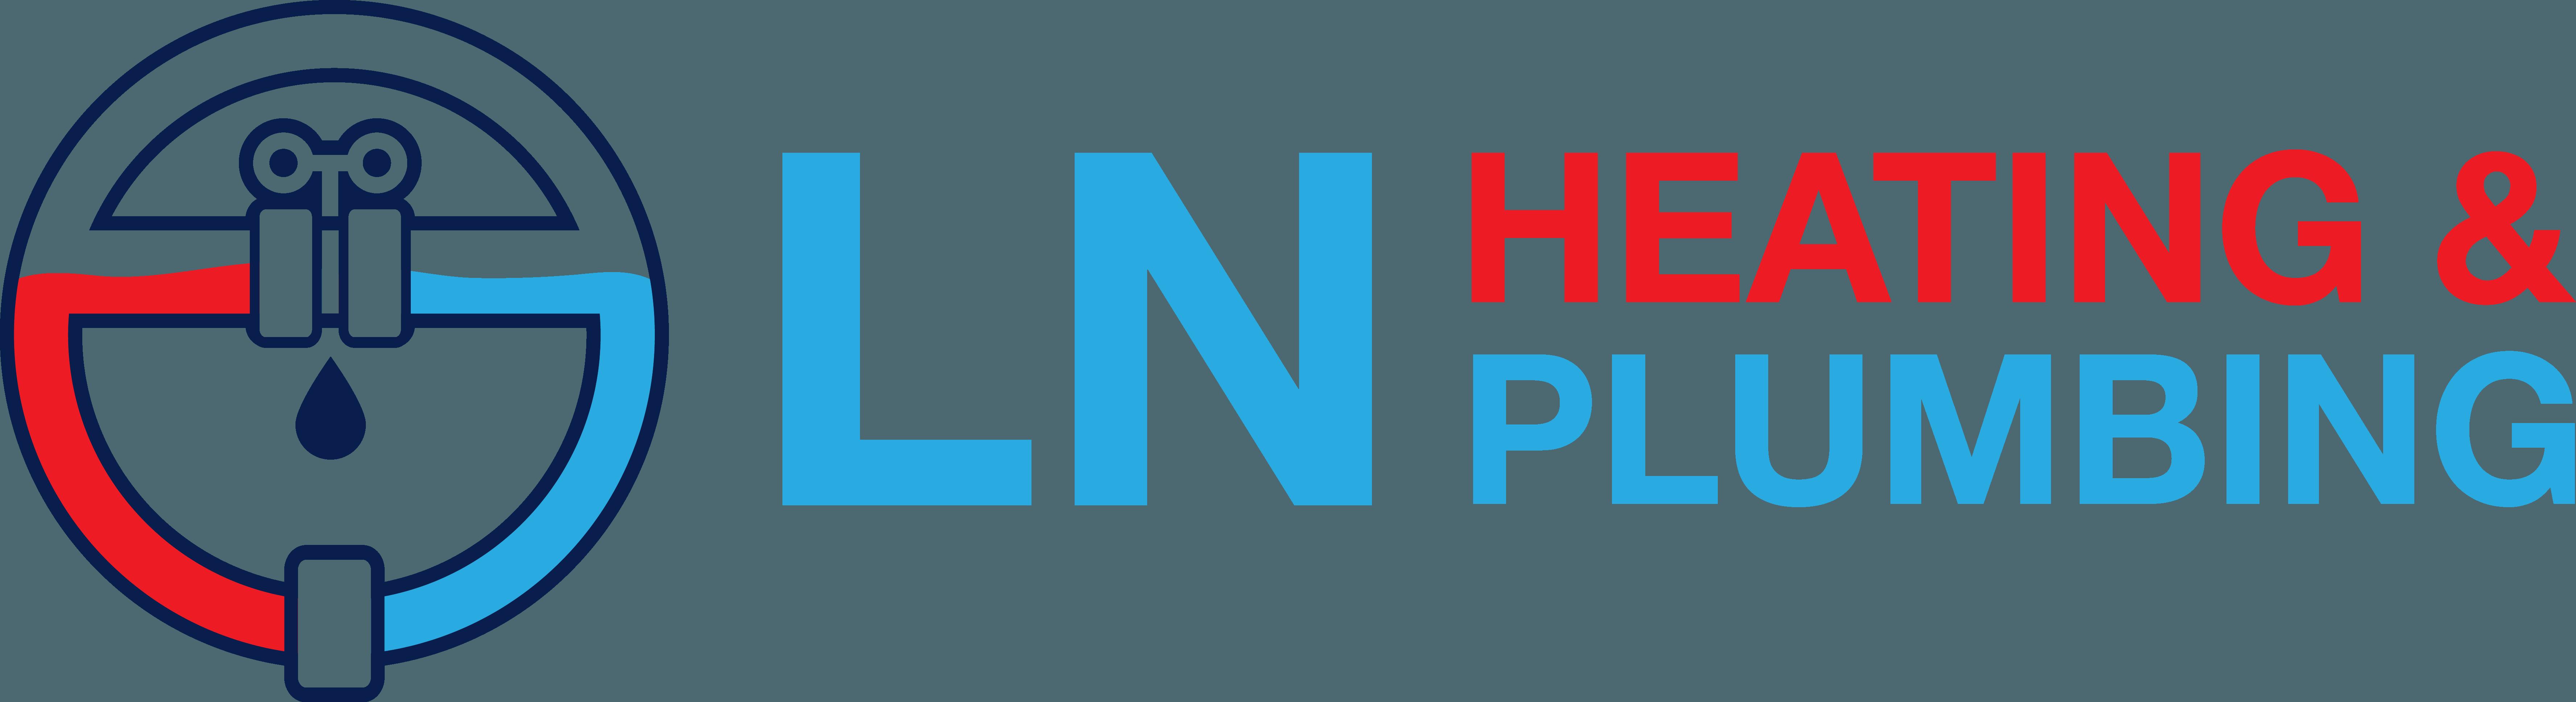 Plumbers in Gateshead, UK | LN Heating and Plumbing